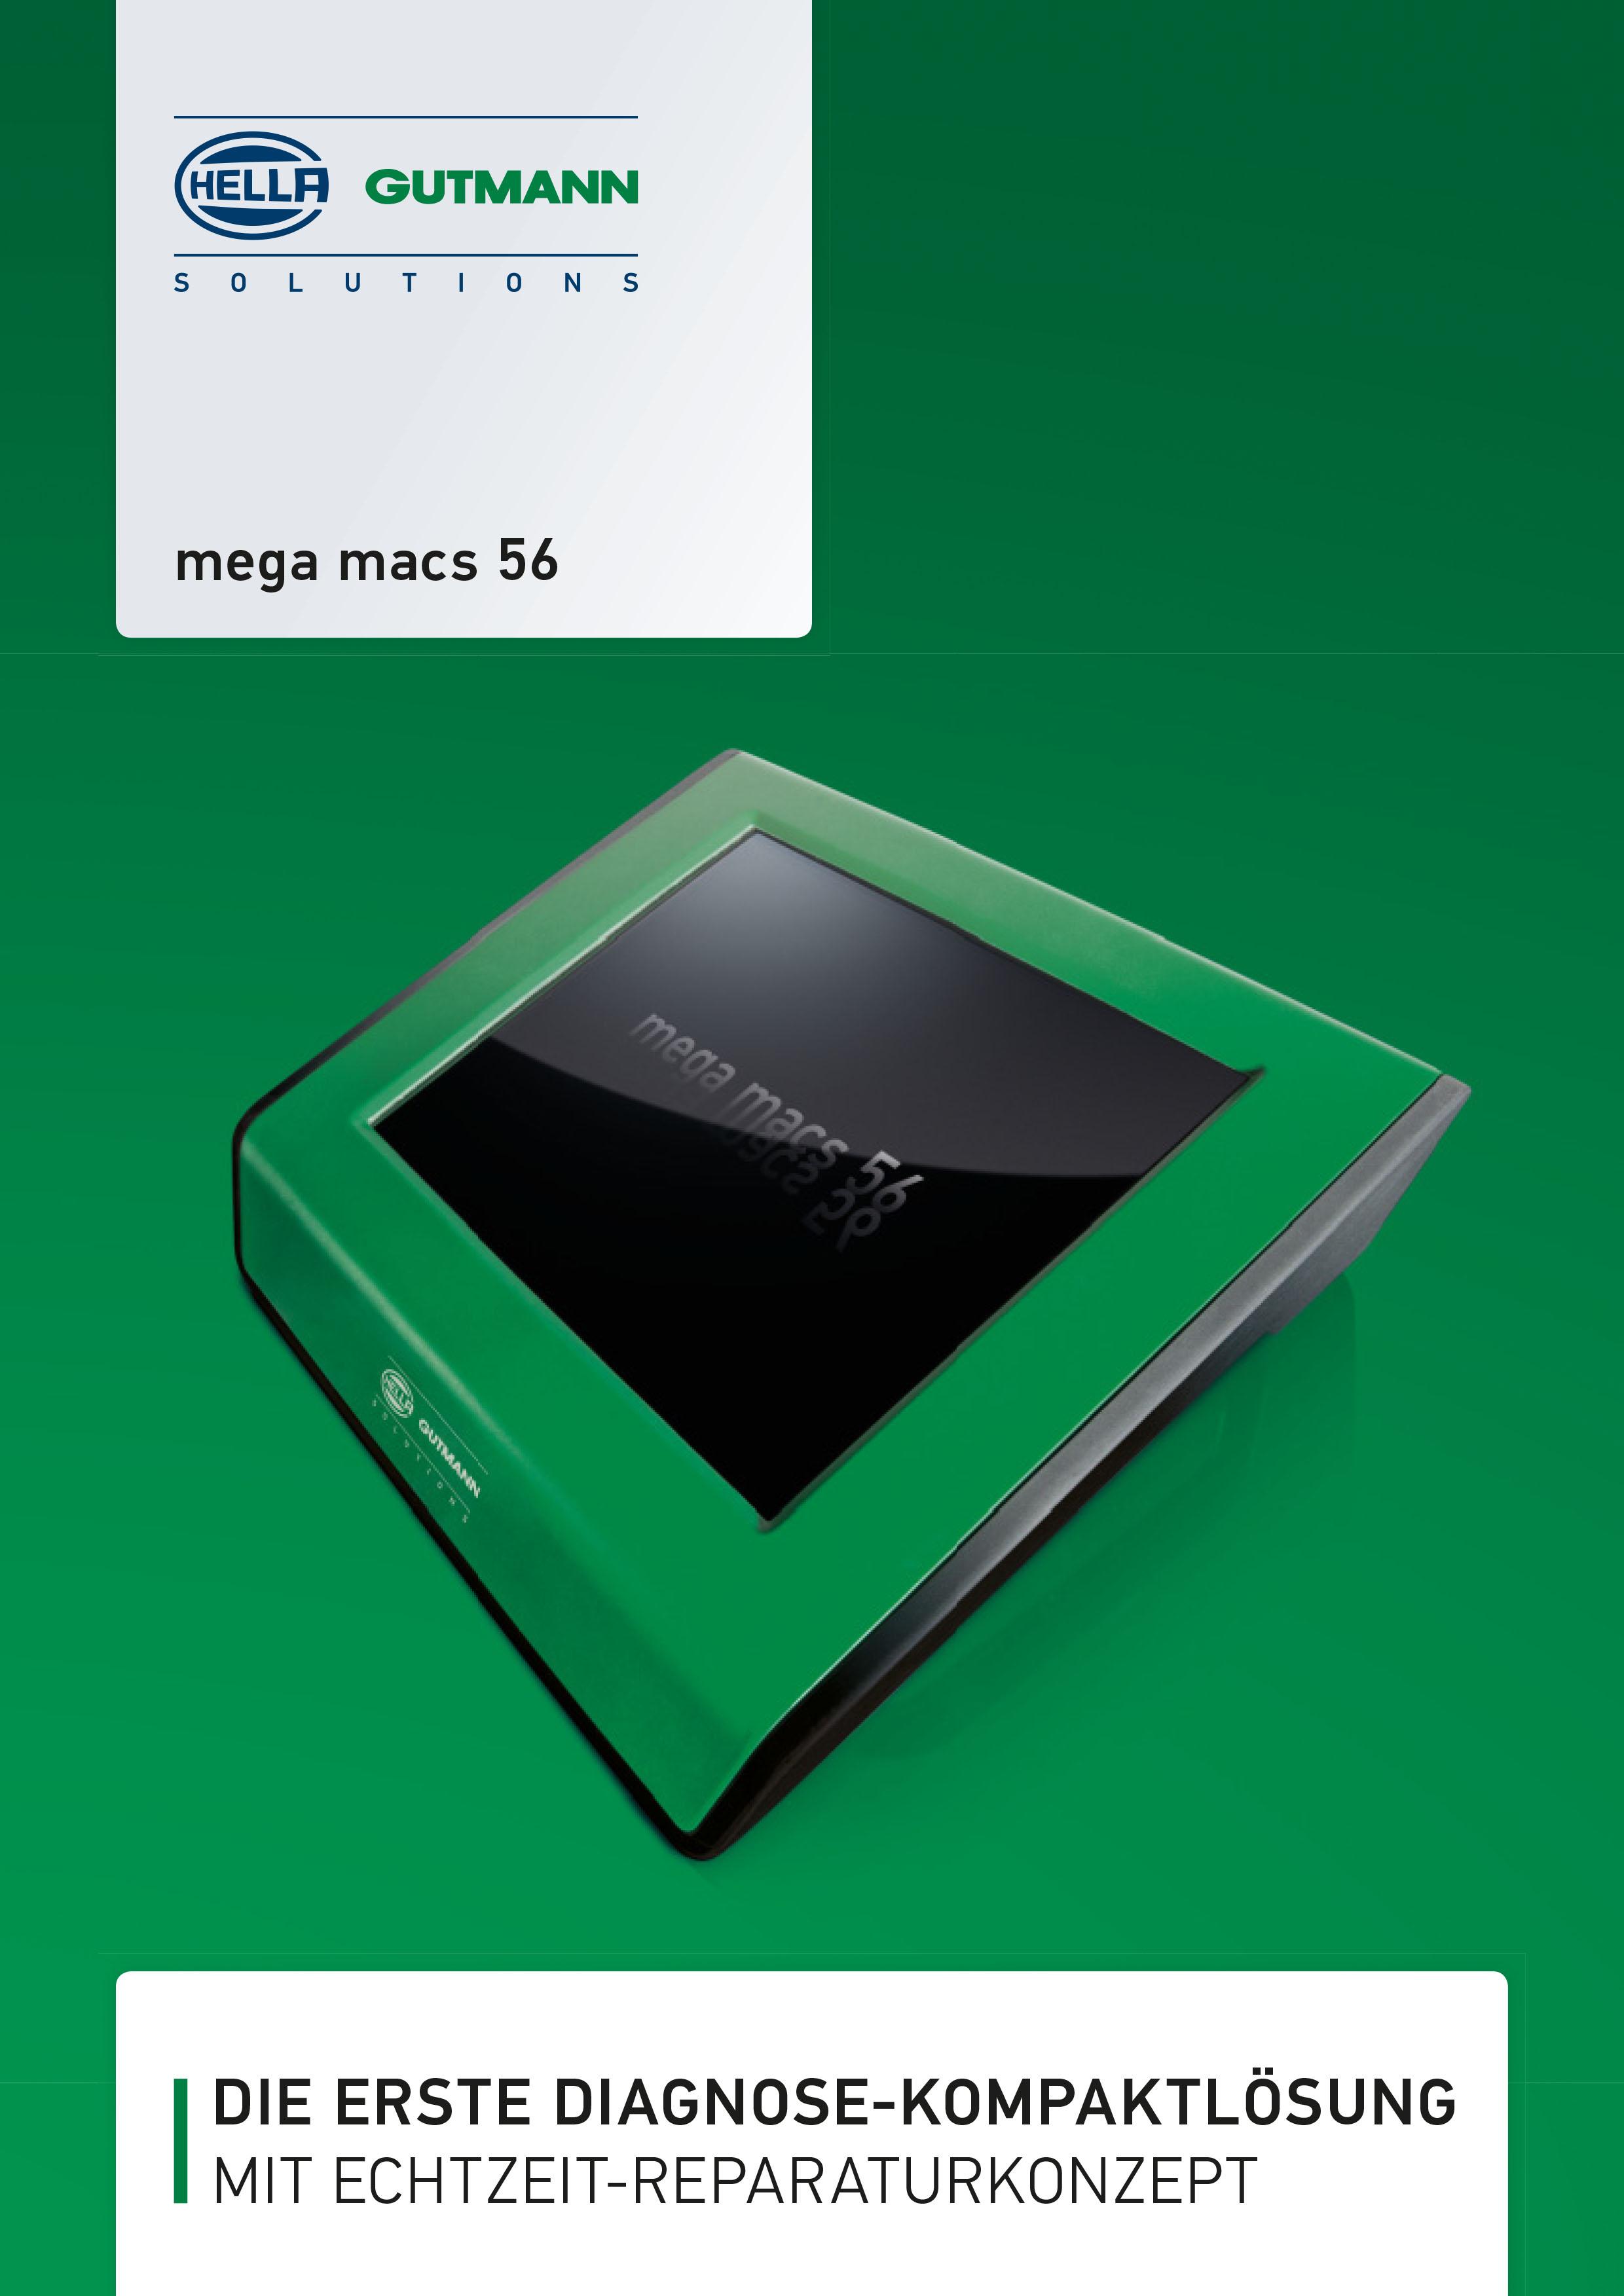 csm_megamacs56_de_c8bbb3c13a.jpg